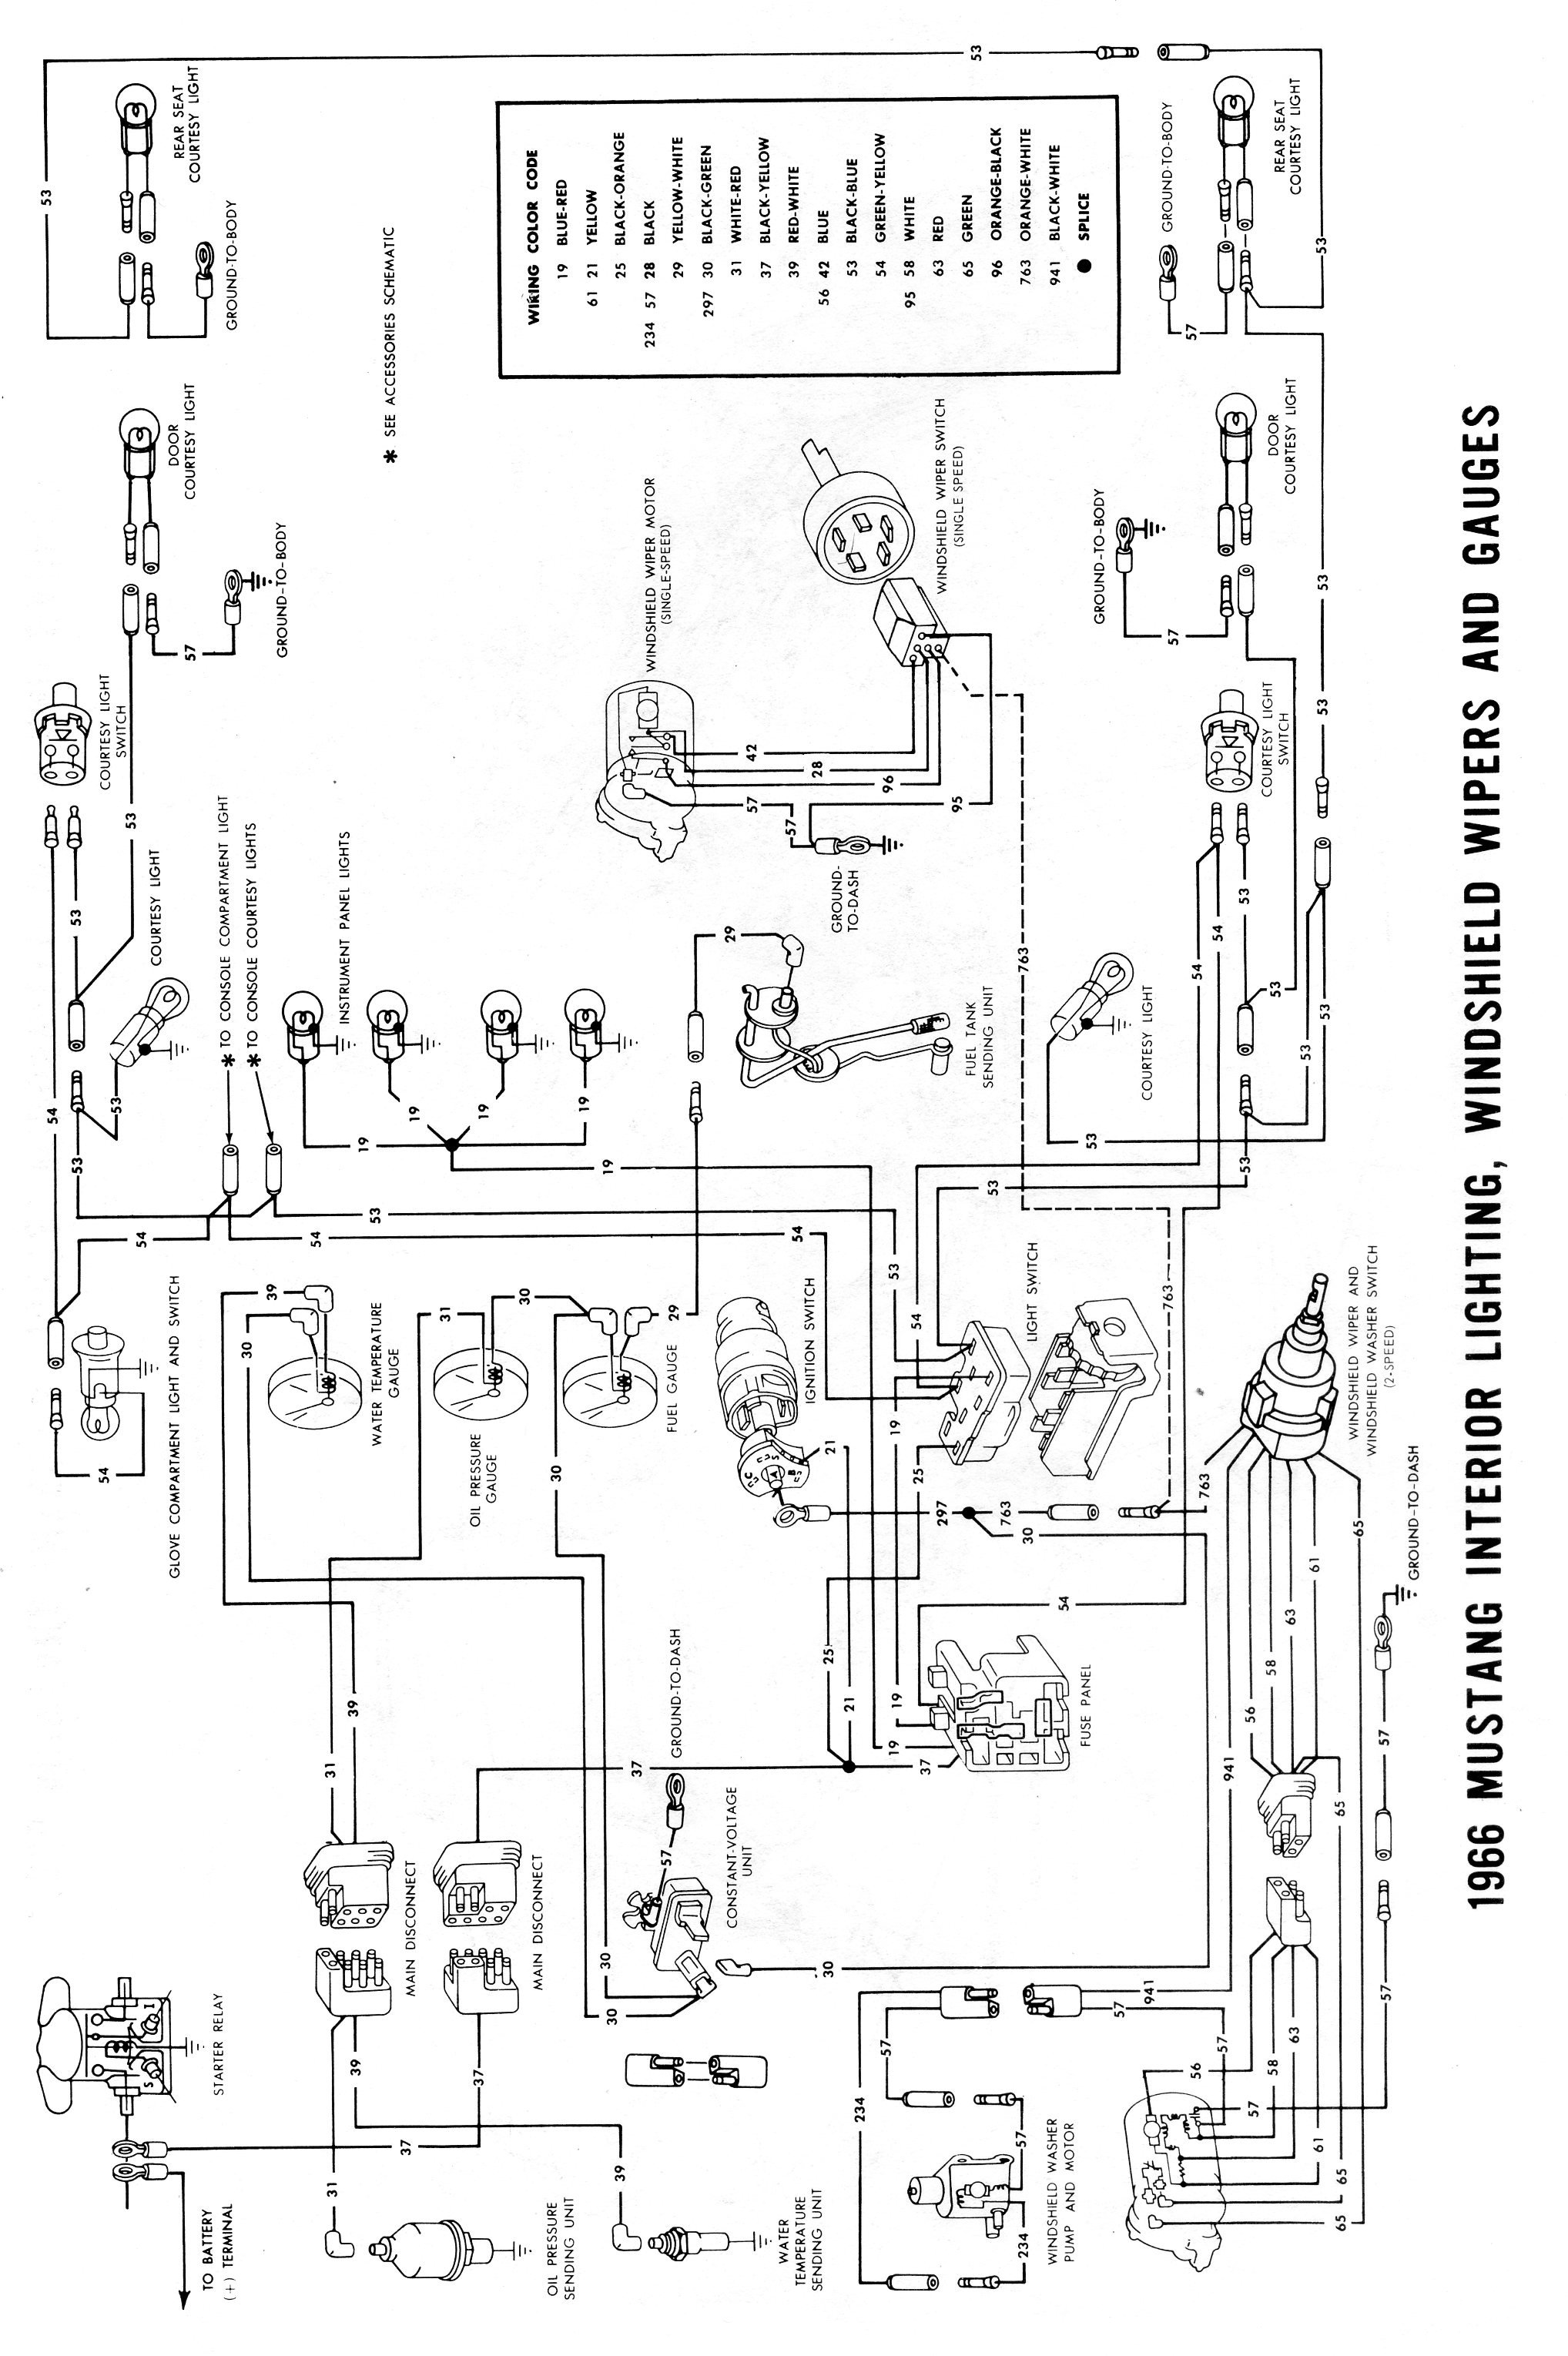 Wiring Diagram Besides Mercruiser Wiring Diagram Moreover Chevy 454